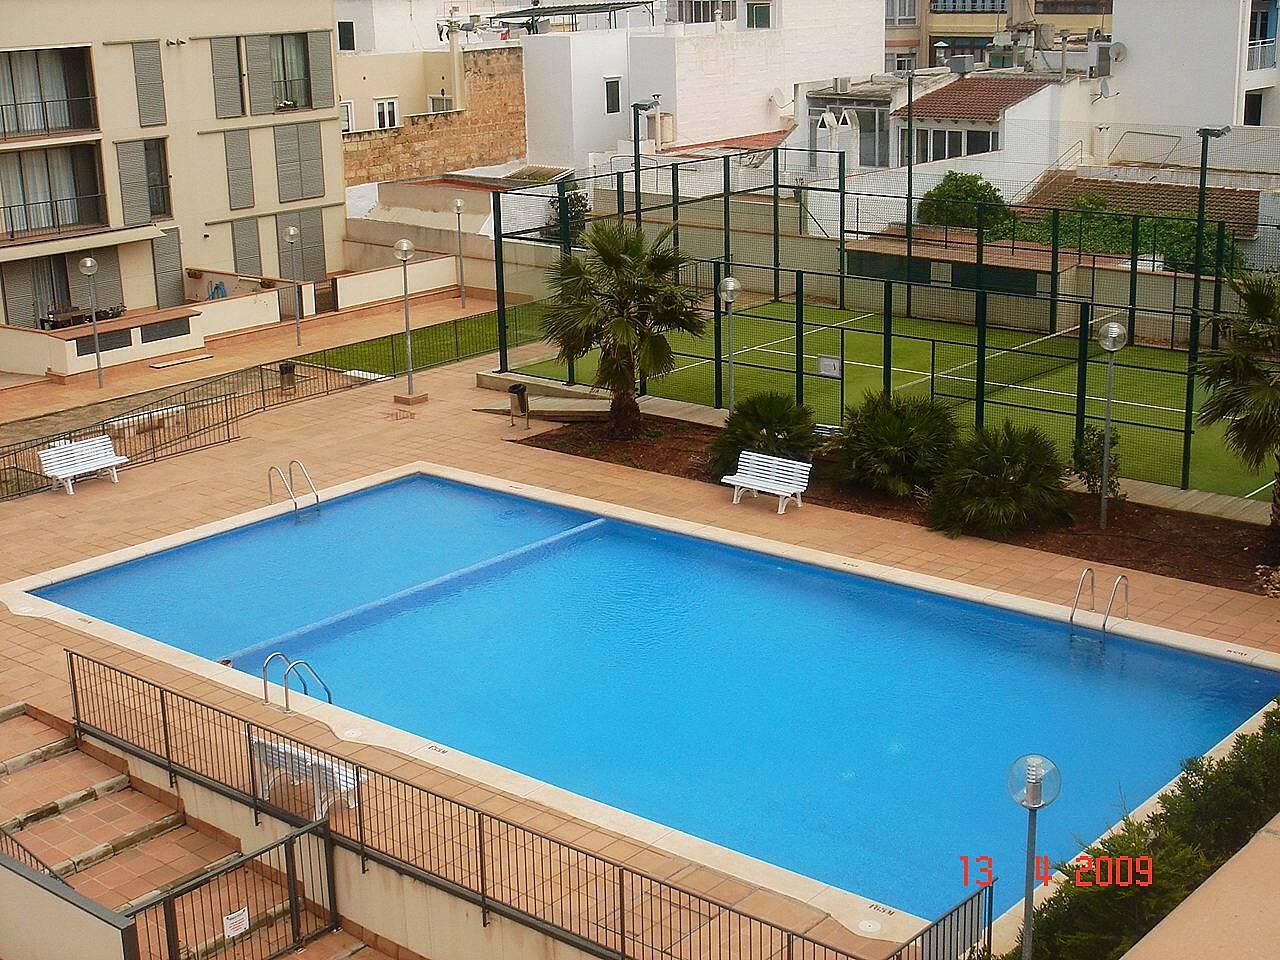 Apartamento para 4 5 personas a 700 m de la playa for Alquiler pisos menorca